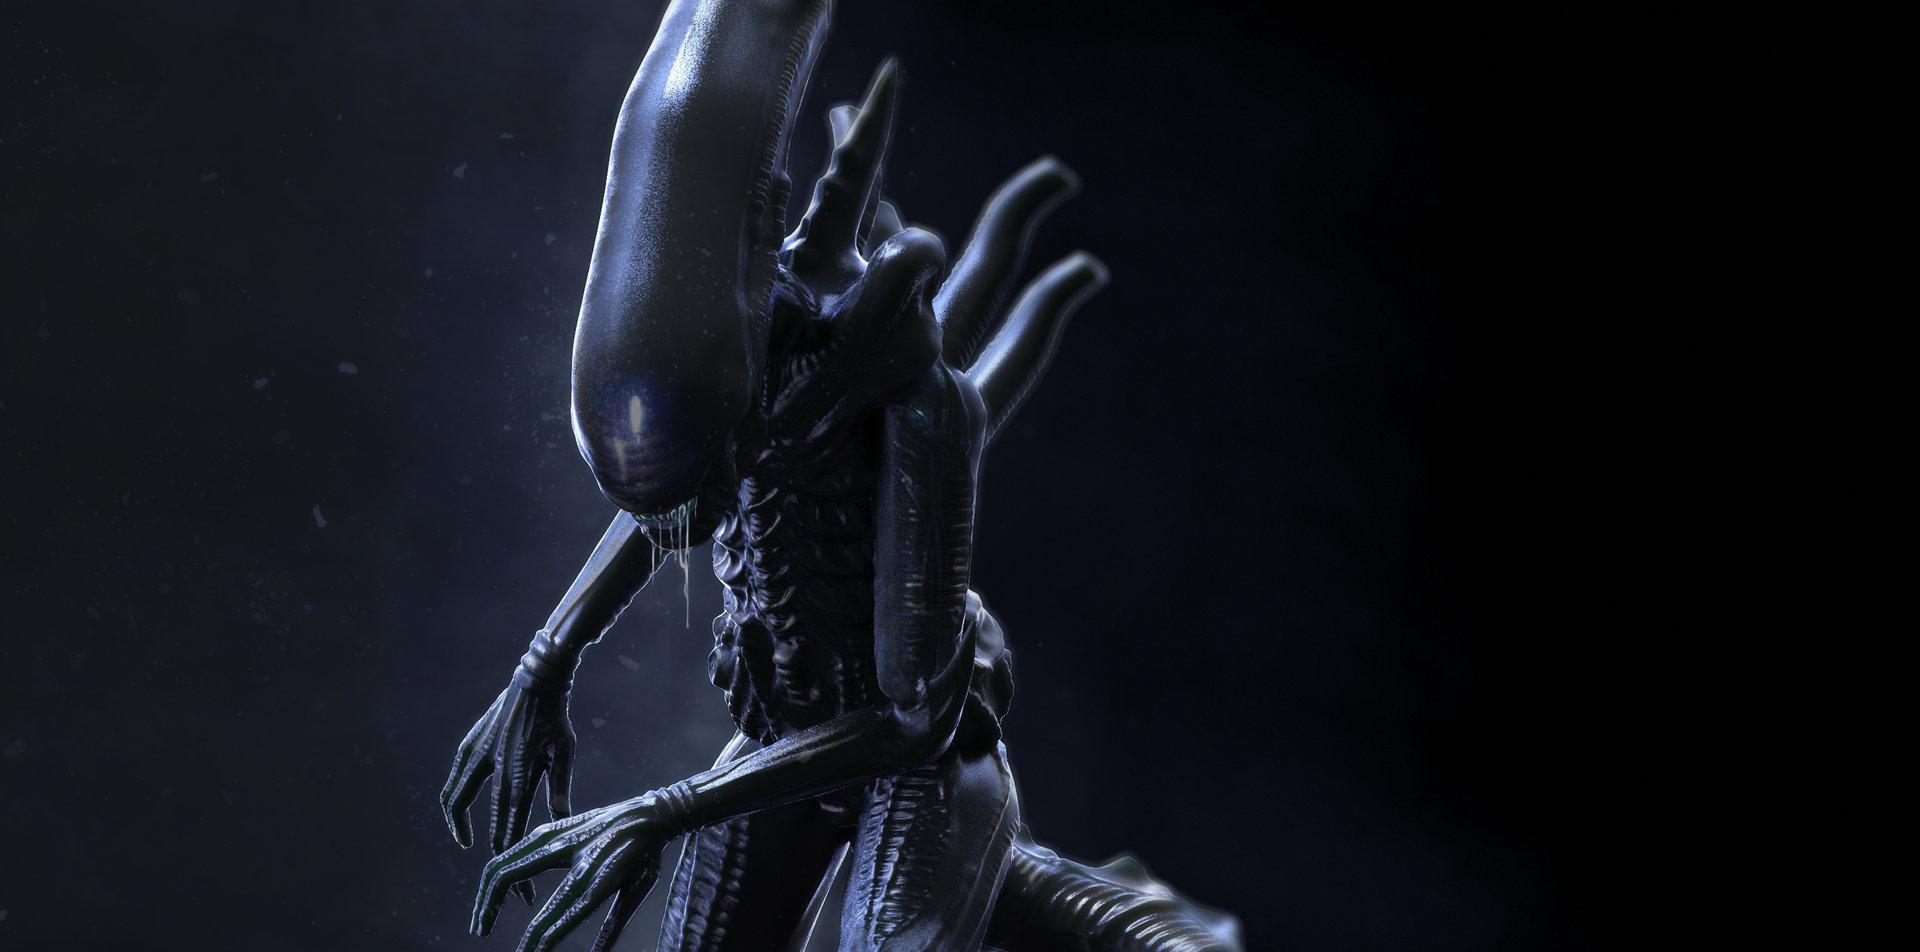 Brian dolan alien